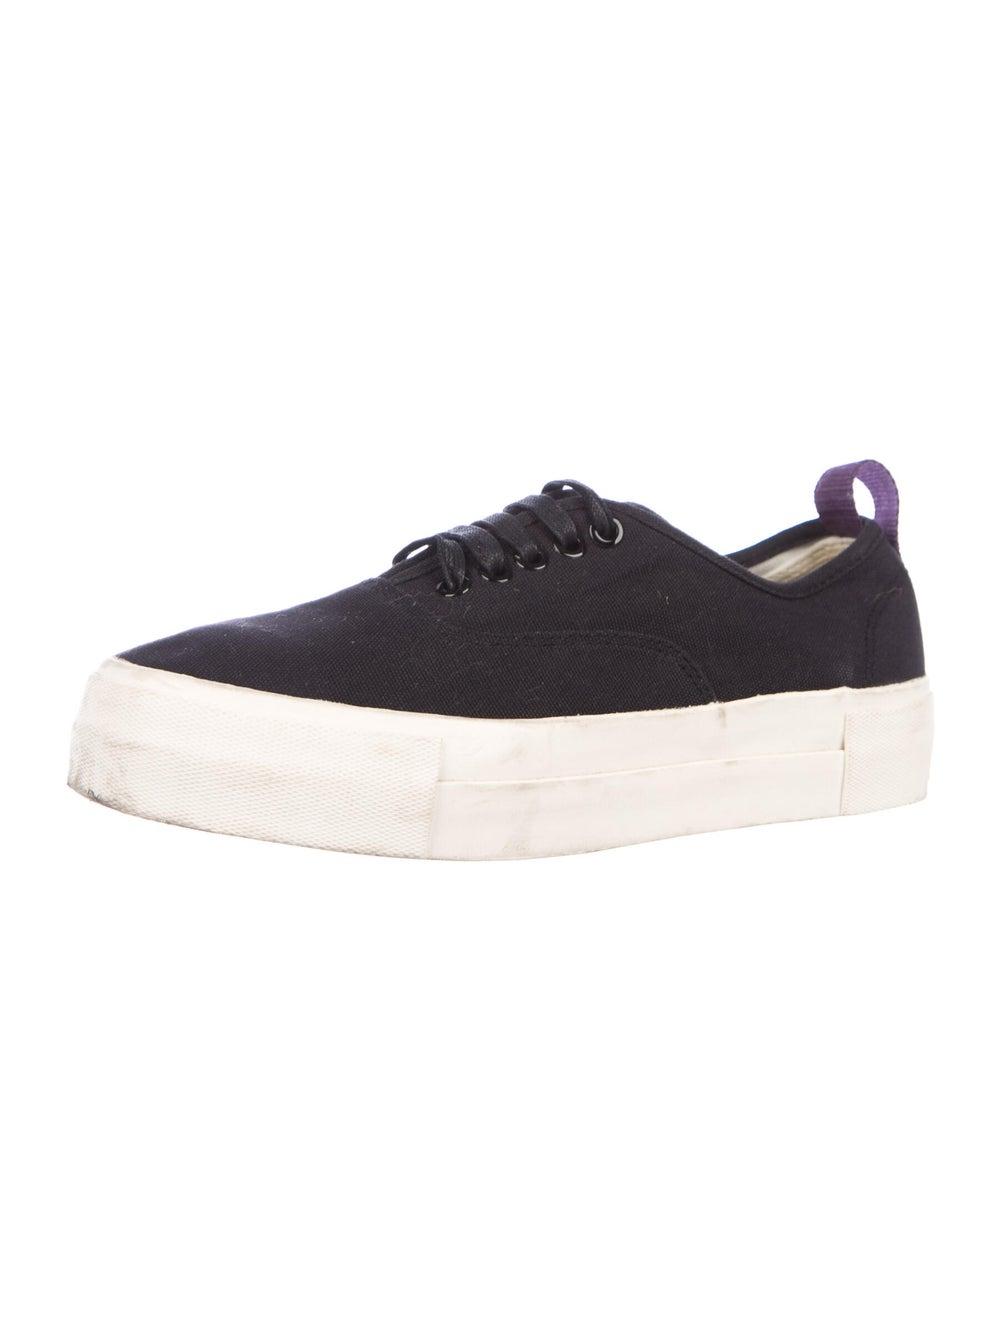 Eytys Sneakers Black - image 2